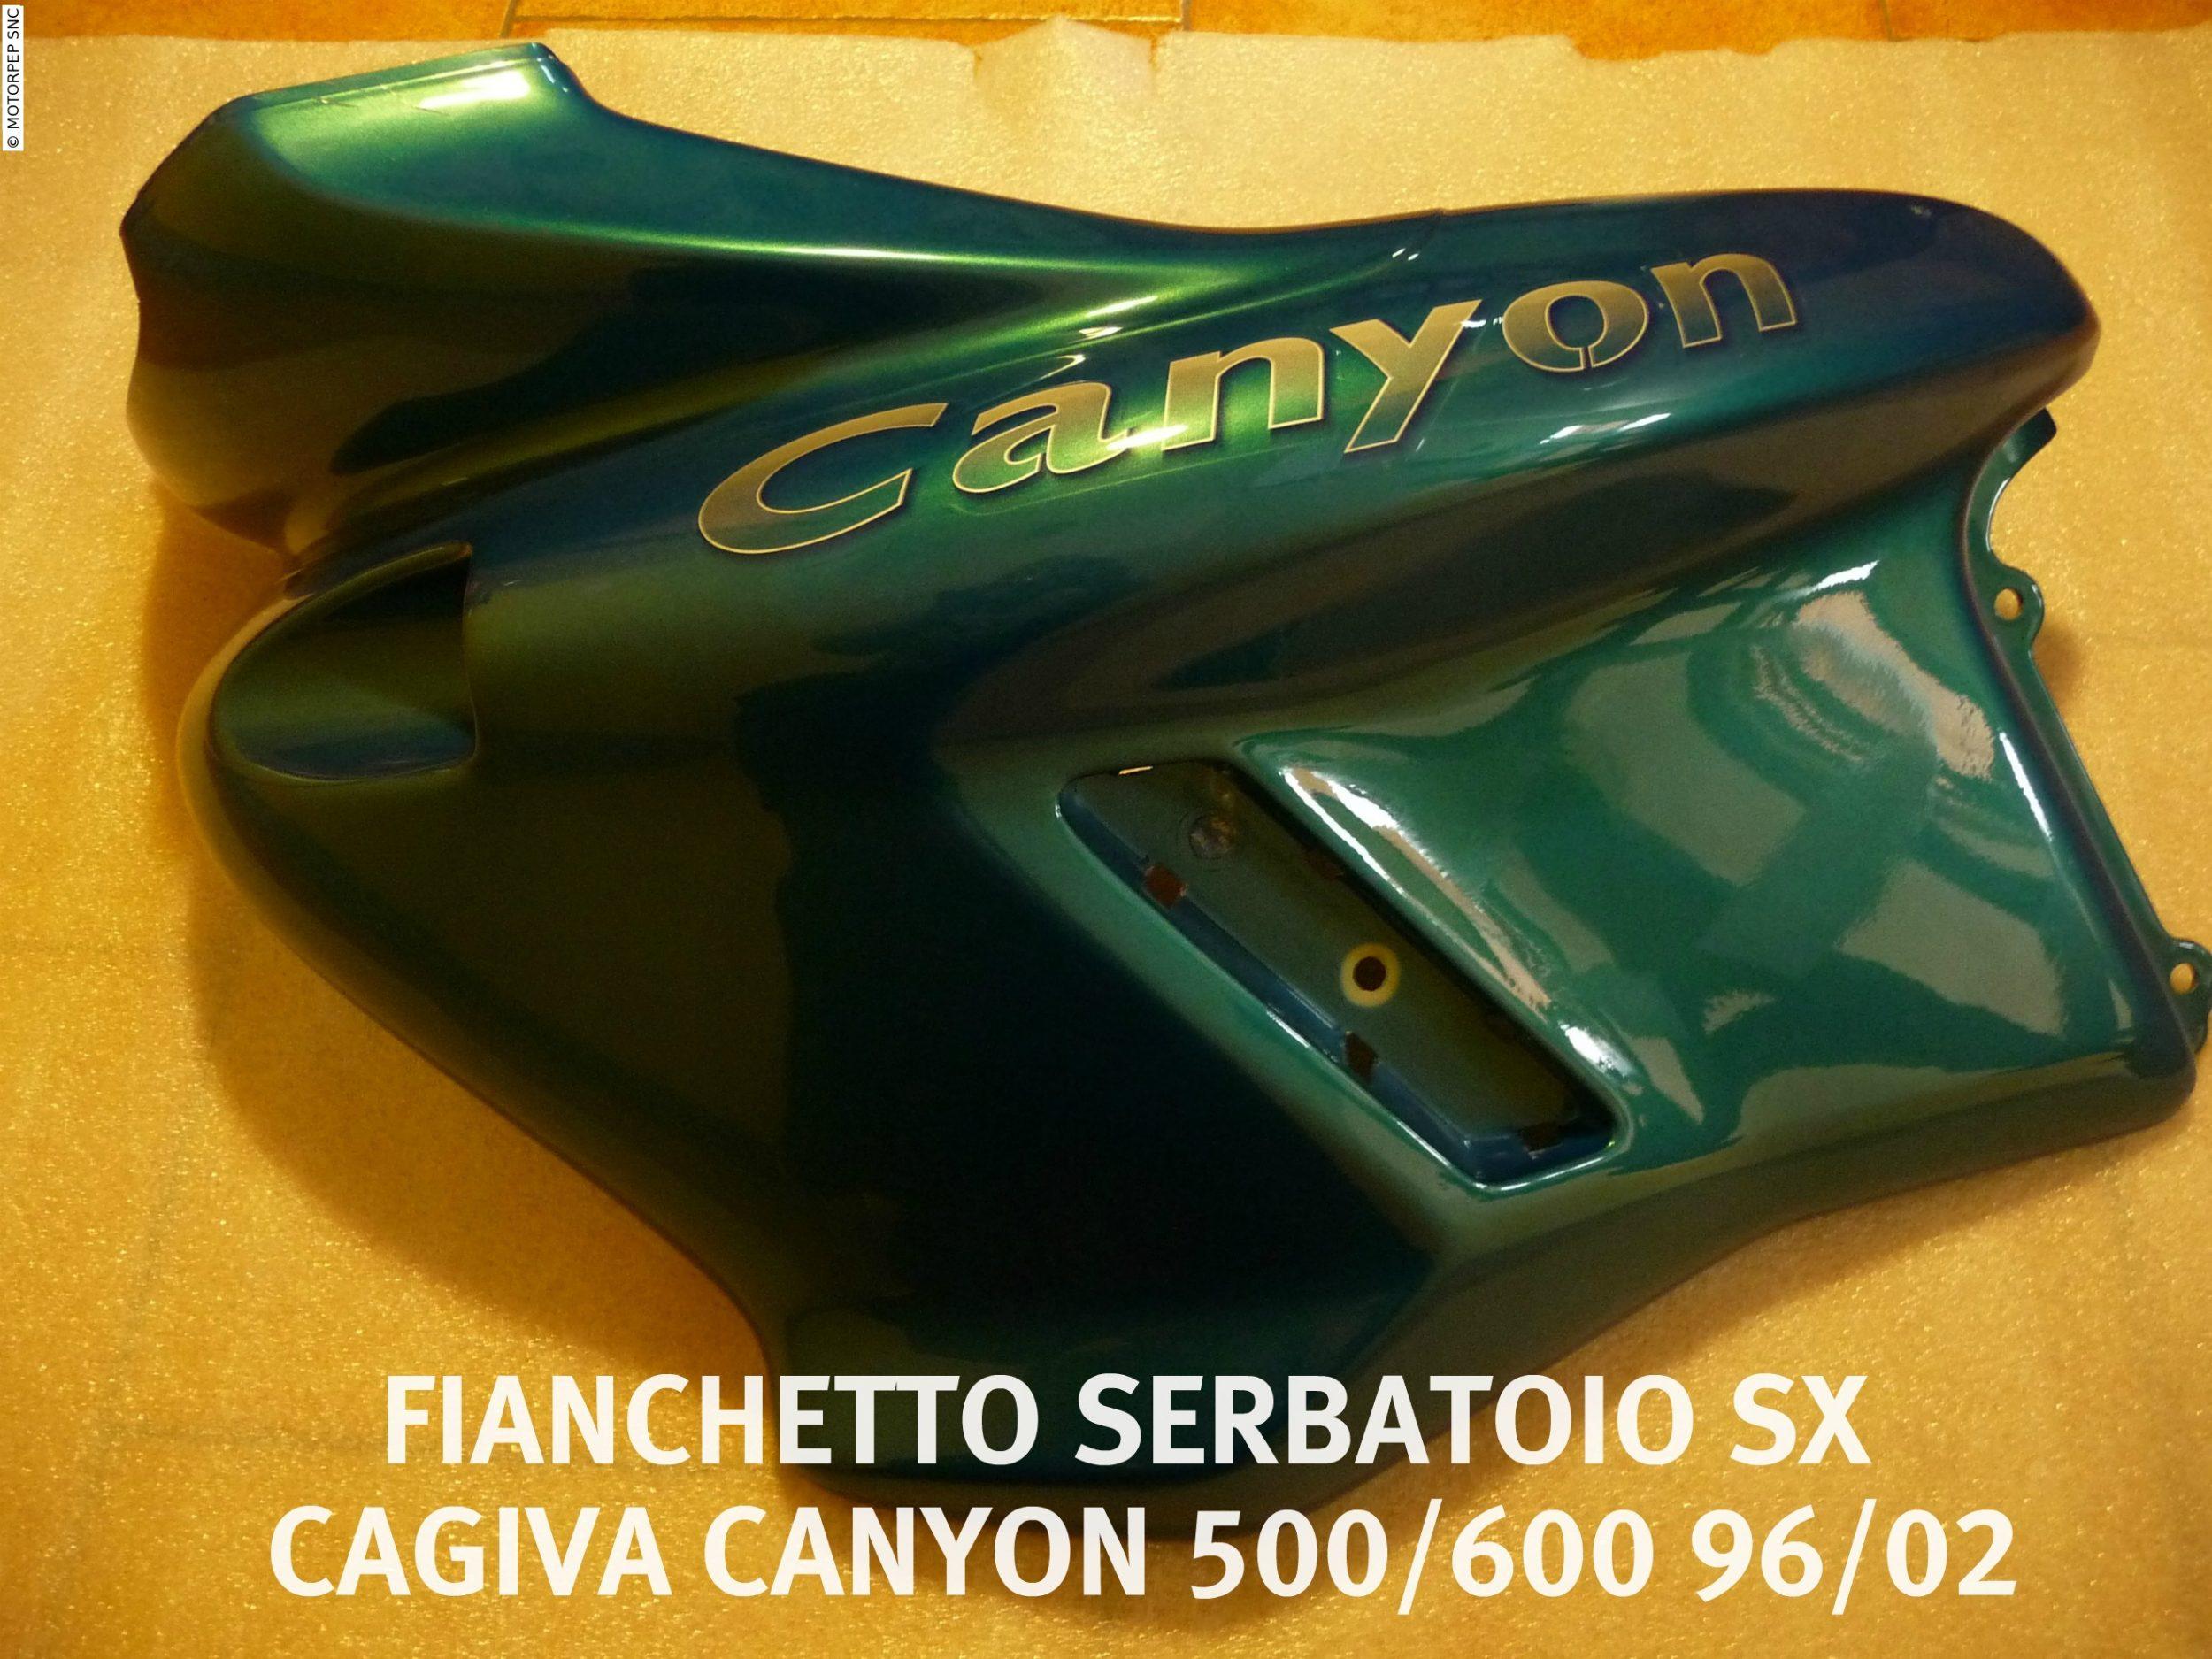 CAGIVA – Fianchetto